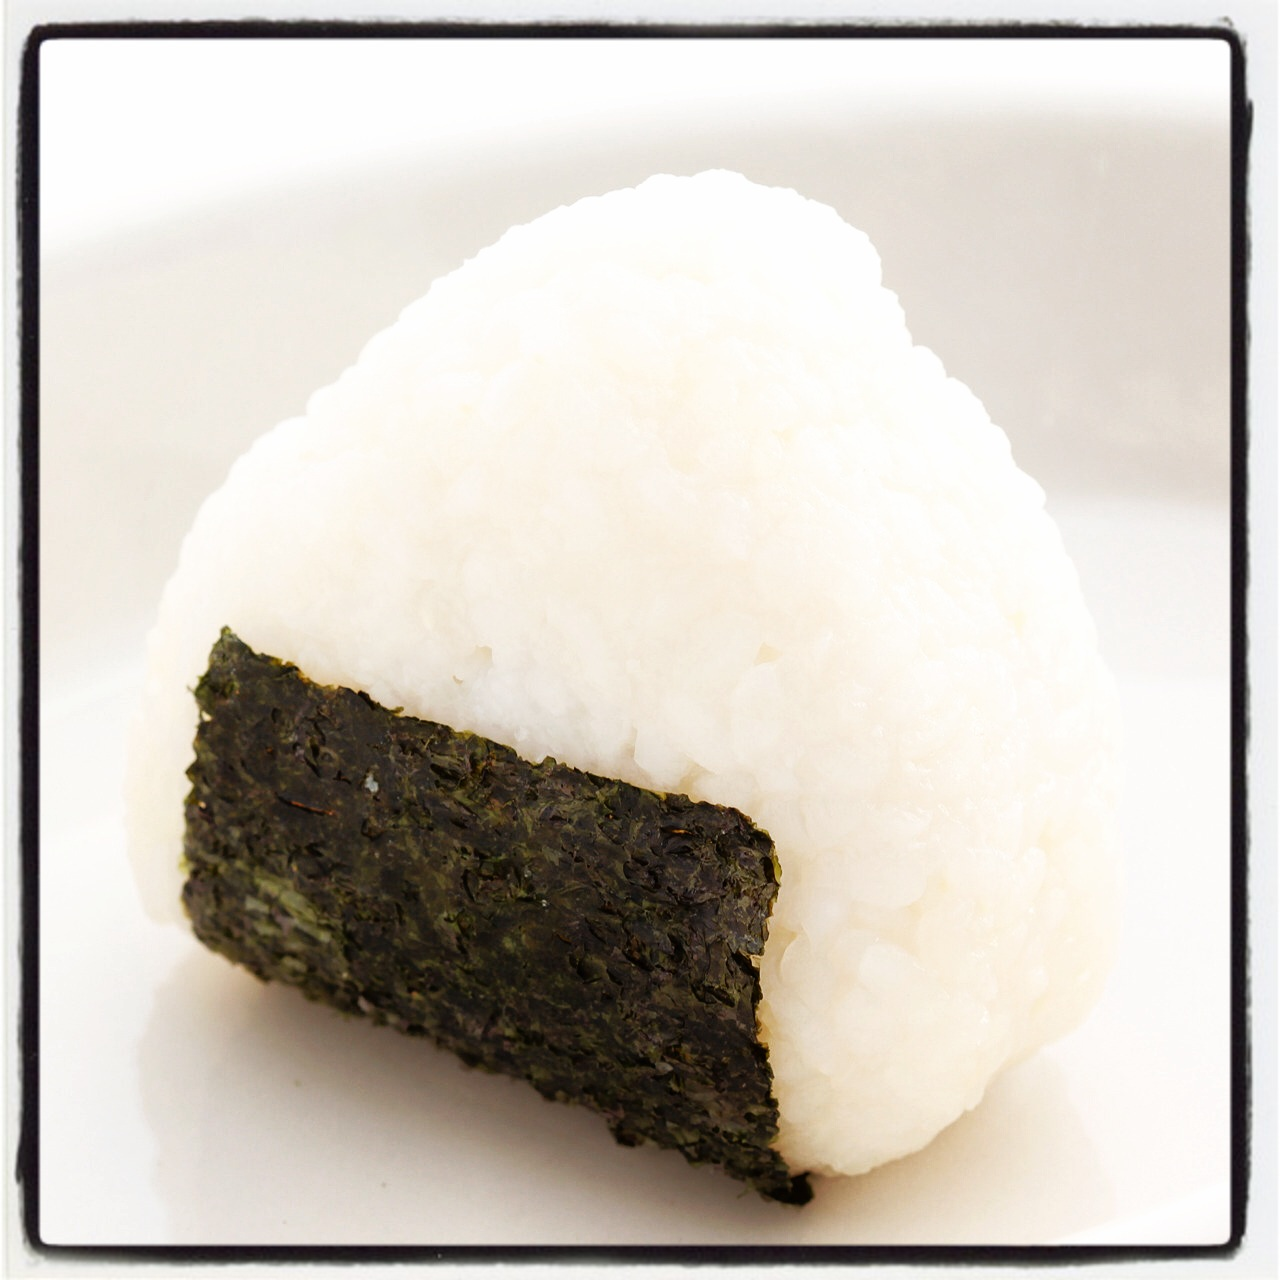 Recetas japonesas: Como preparar Onigiri | Taka Sasaki